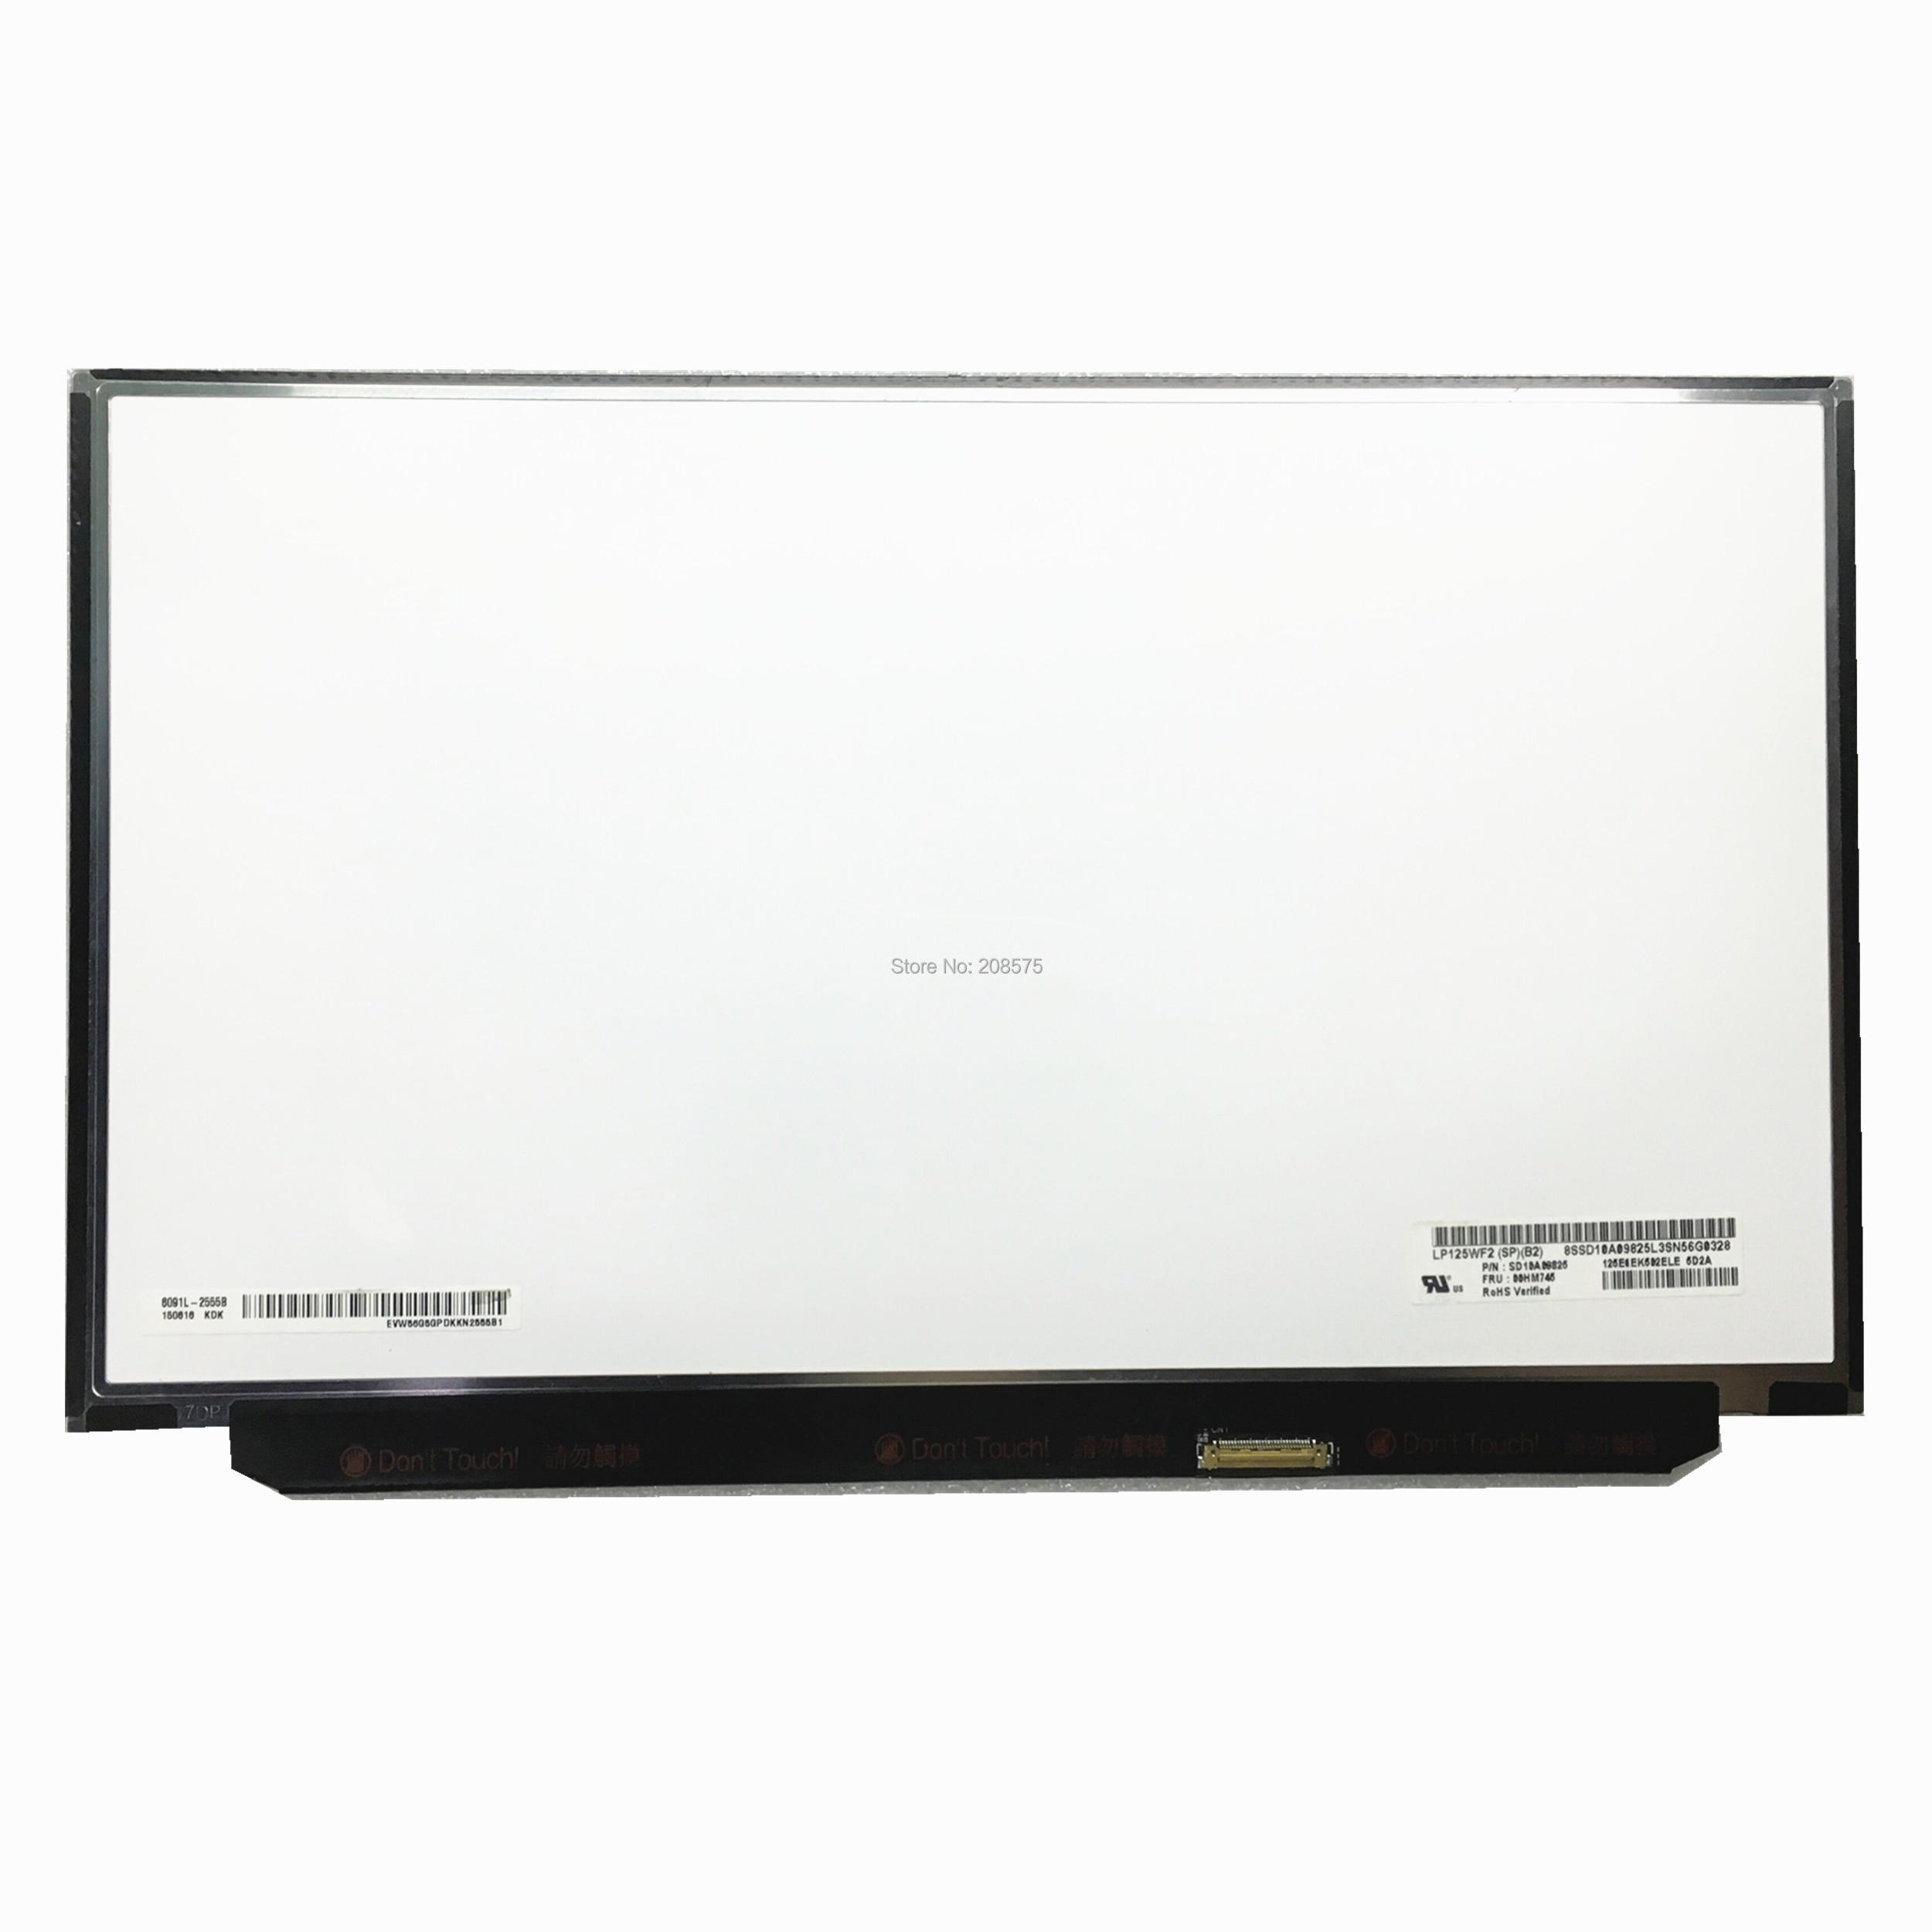 Livraison Gratuite LP125WF2-SPB2 LP125WF2 SPB2 idéal pour Lenovo Thinkpad X240 X250 X260 X270 X280 FHD IPS écran lcd d'ordinateur portable 1920*1080